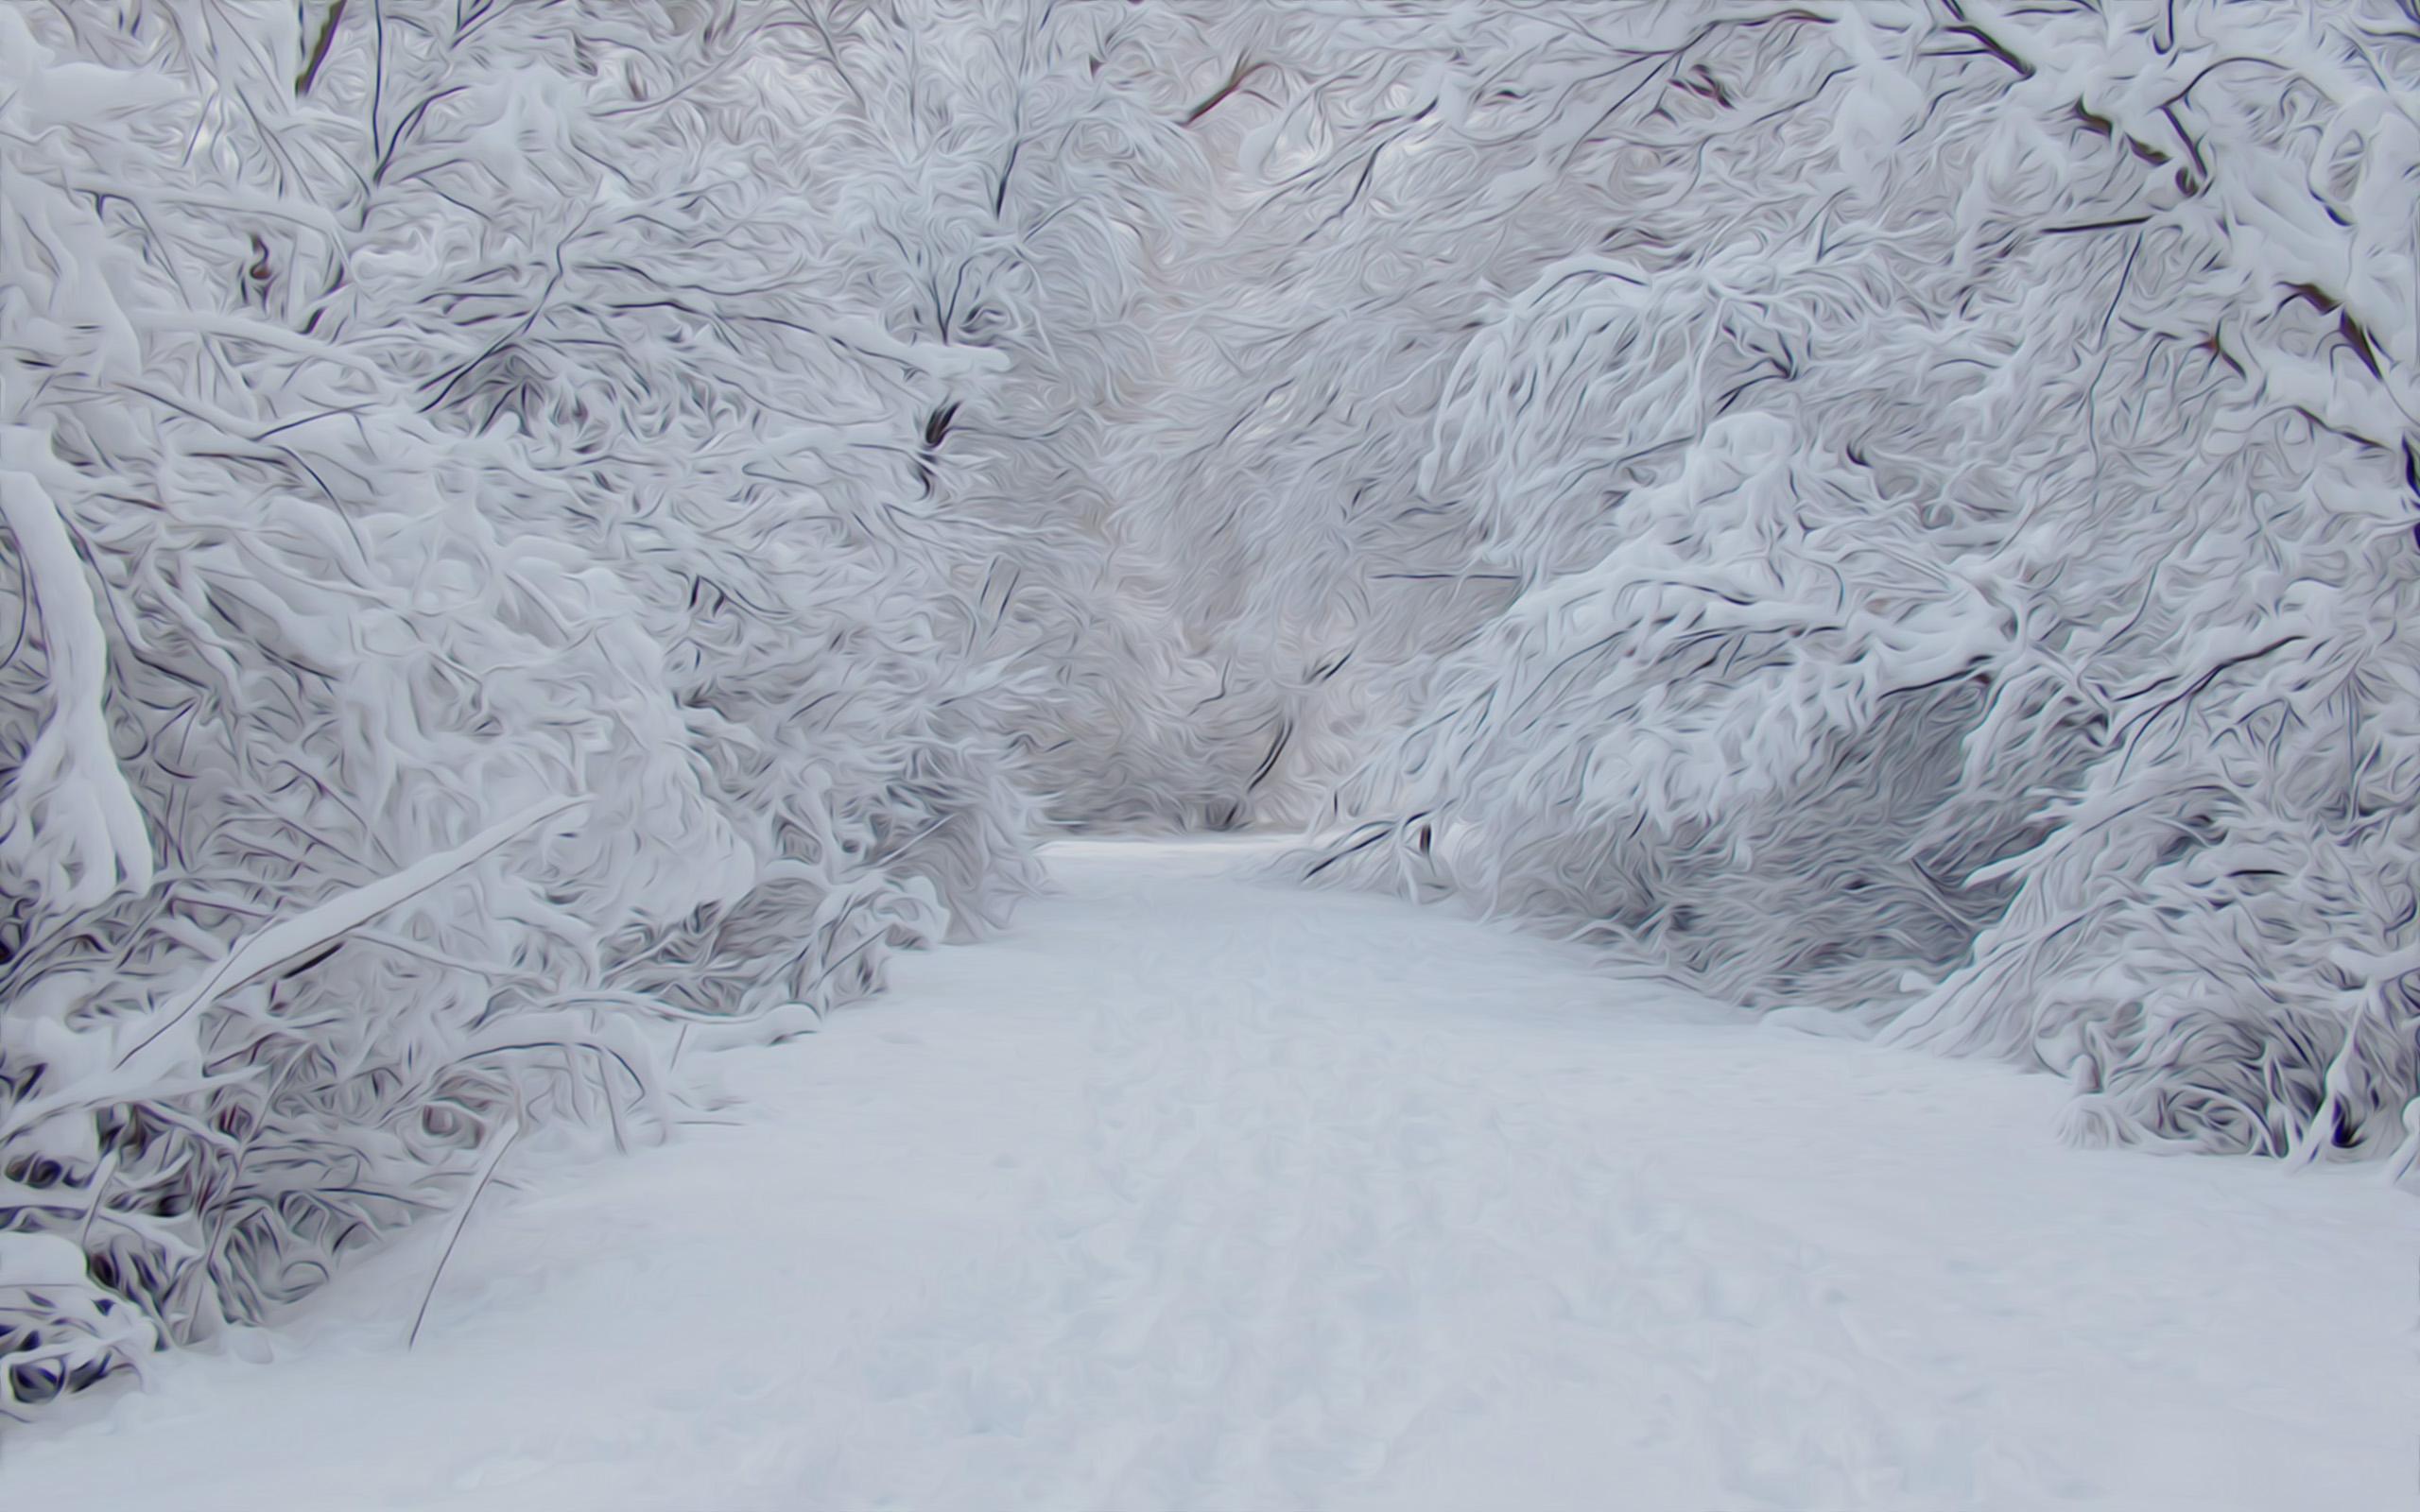 Winter Scenes Desktop Backgrounds Wallpapers9 2560x1600